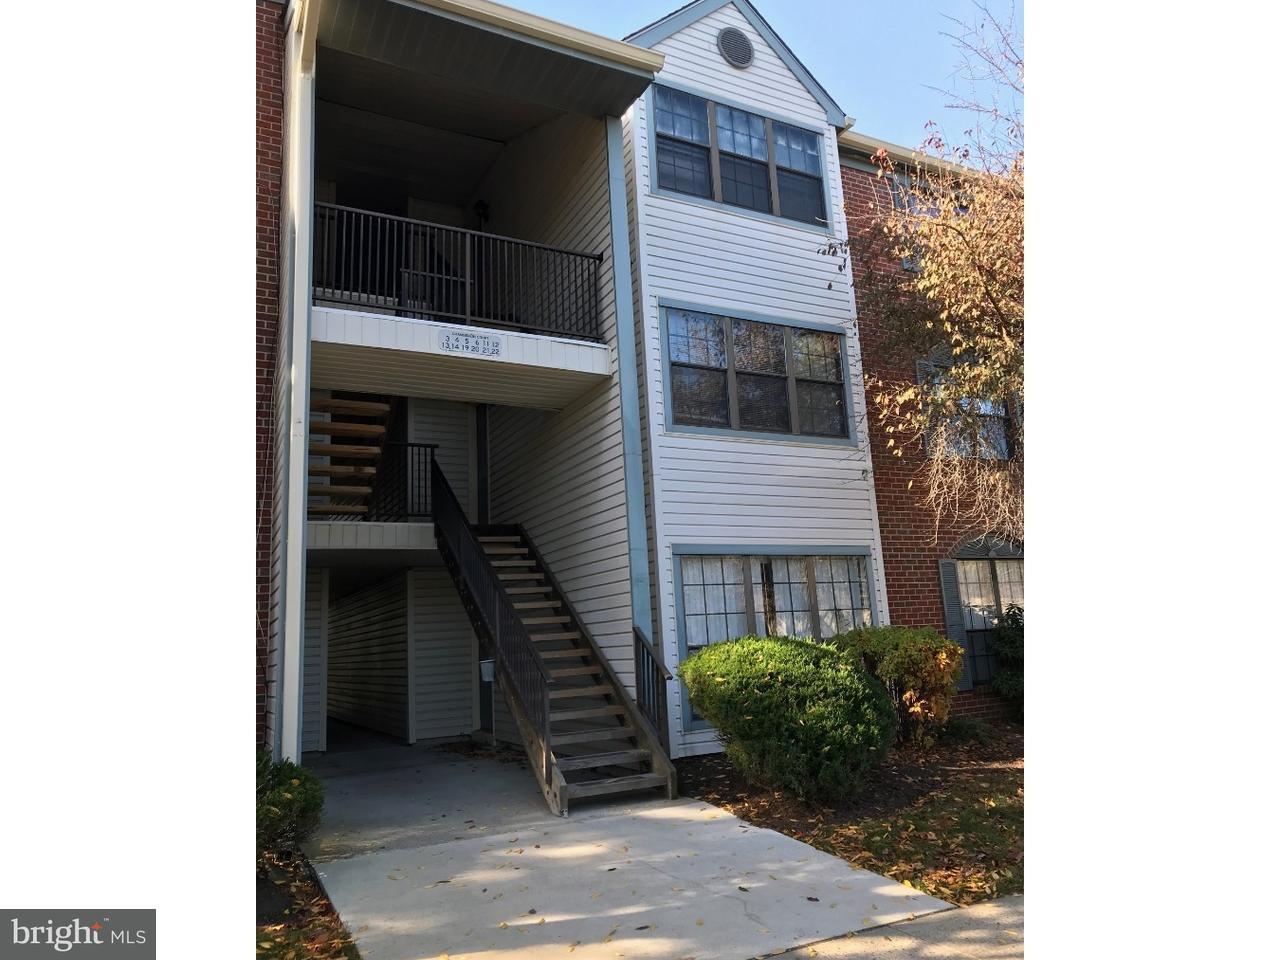 Appartement en copropriété pour l Vente à 11 CHAMBERLIN Court Lawrenceville, New Jersey 08648 États-UnisDans/Autour: Lawrence Township